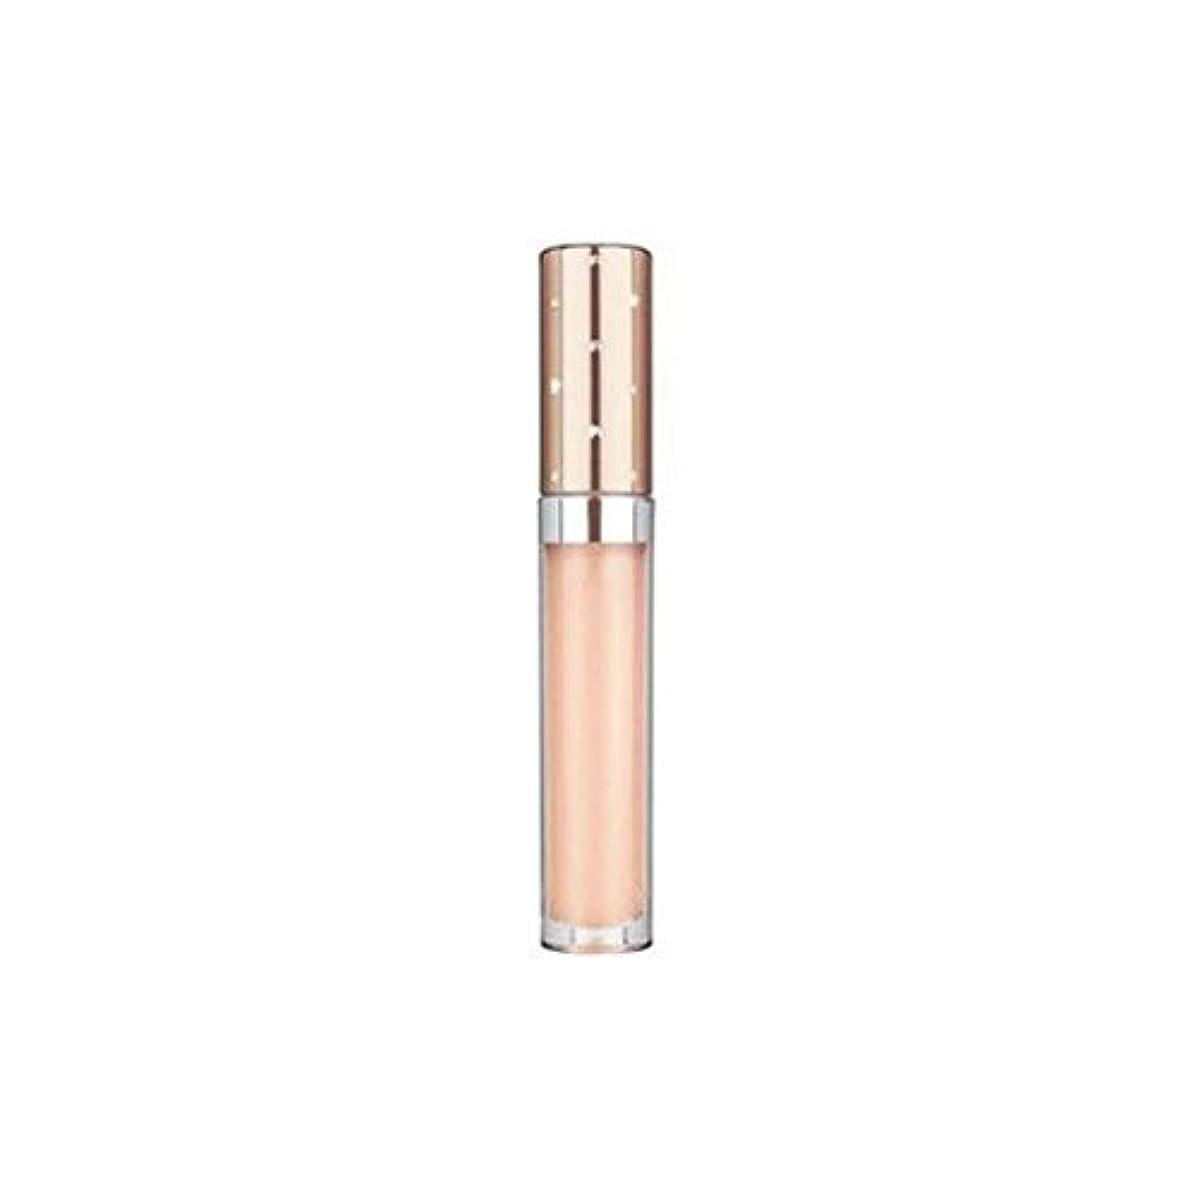 ブルゴーニュ米国増幅するNubo Instant Lip Perfection Spf15 (5ml) - インスタントリップパーフェクション15(5ミリリットル) [並行輸入品]